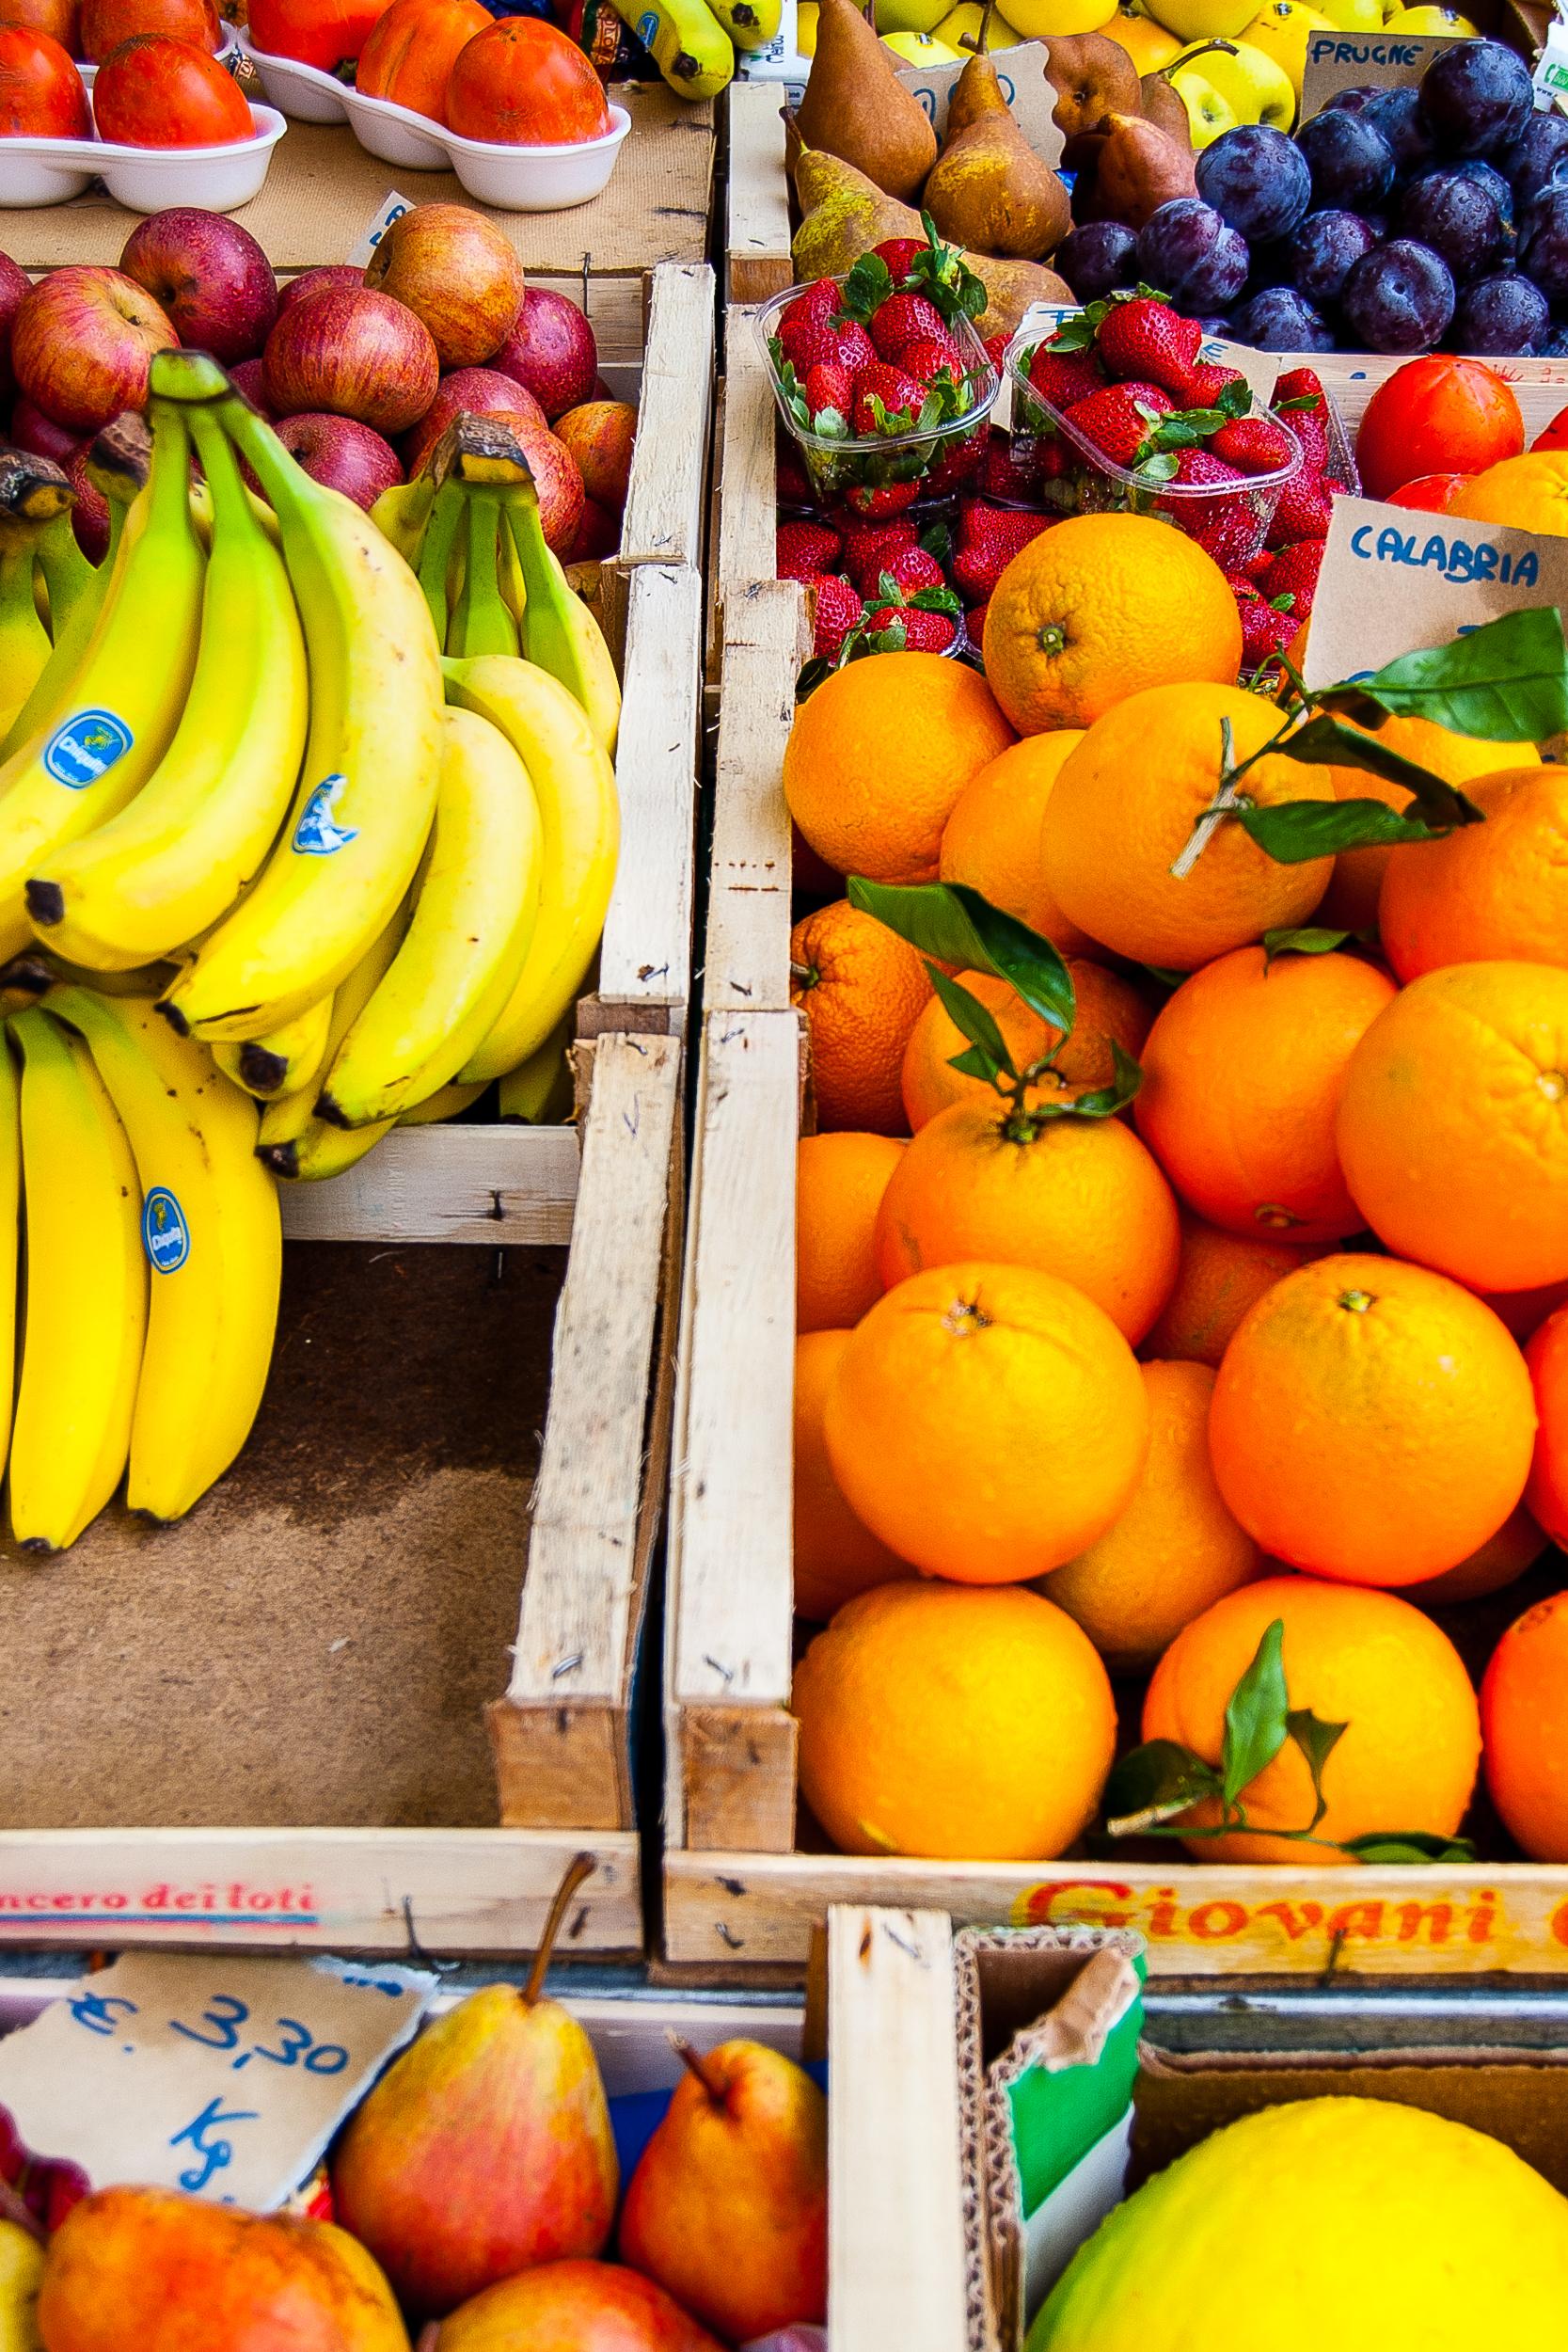 A market stall in the Campo de' Fiori